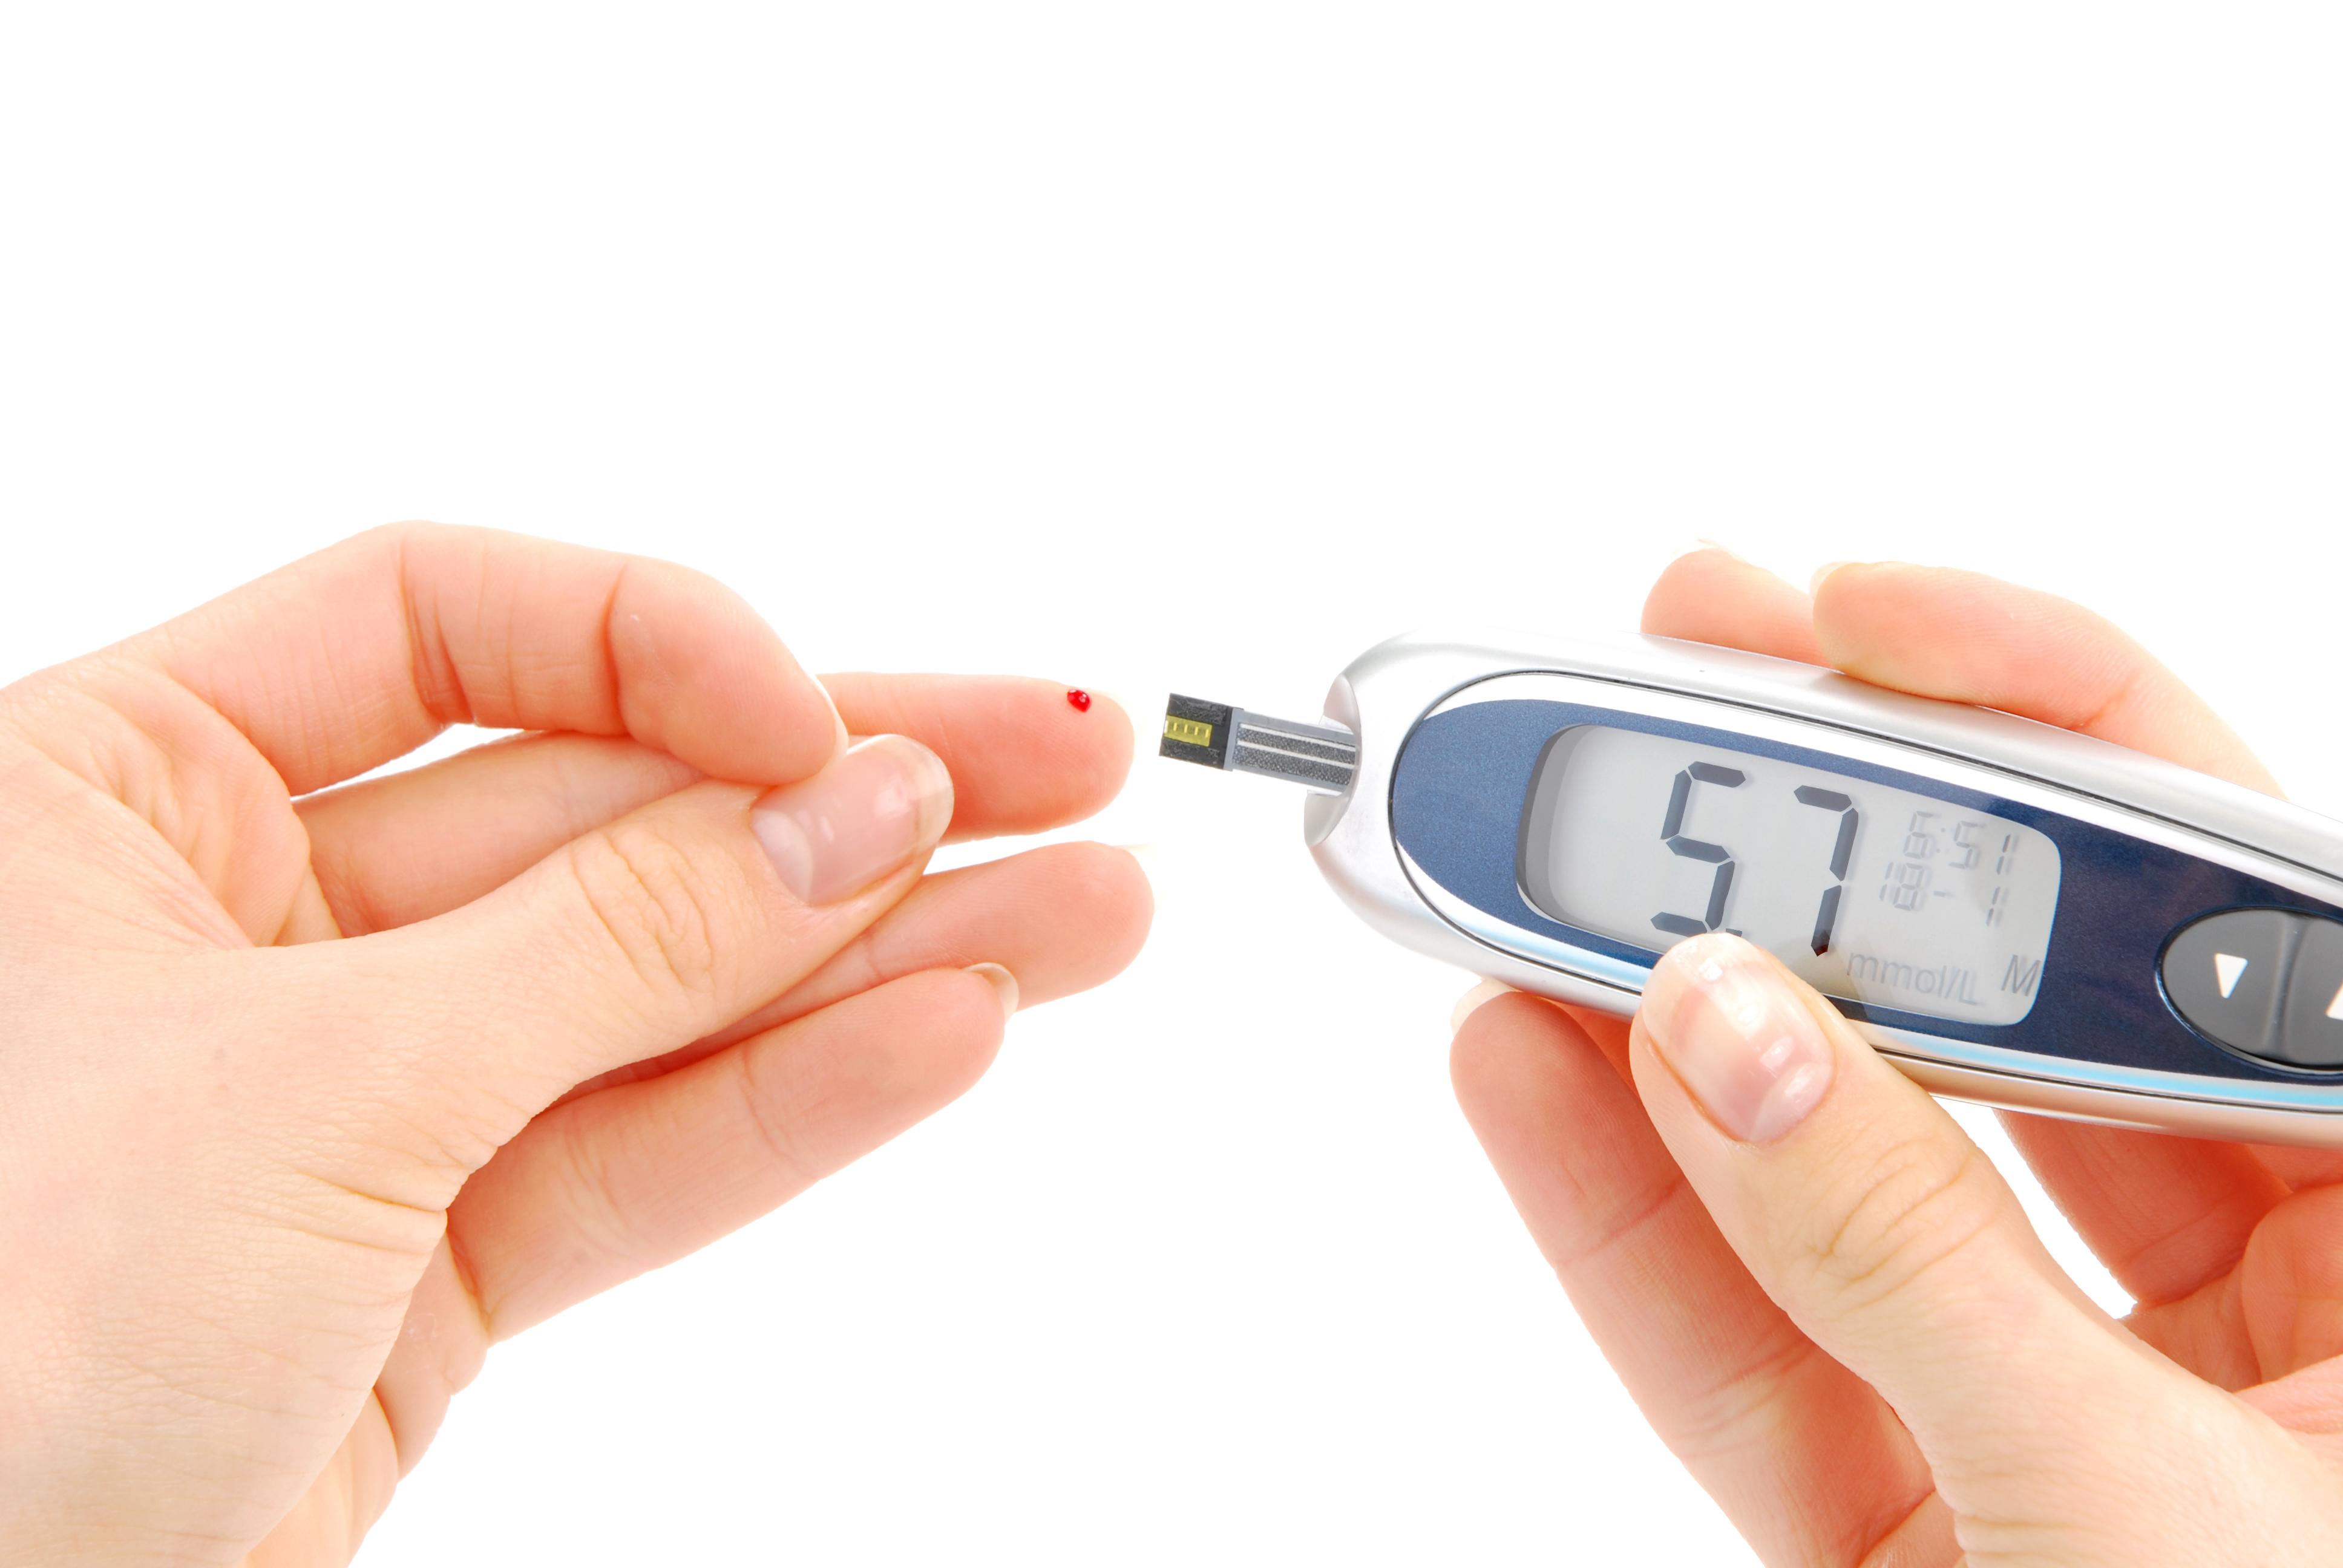 diagnose diabetes type 2